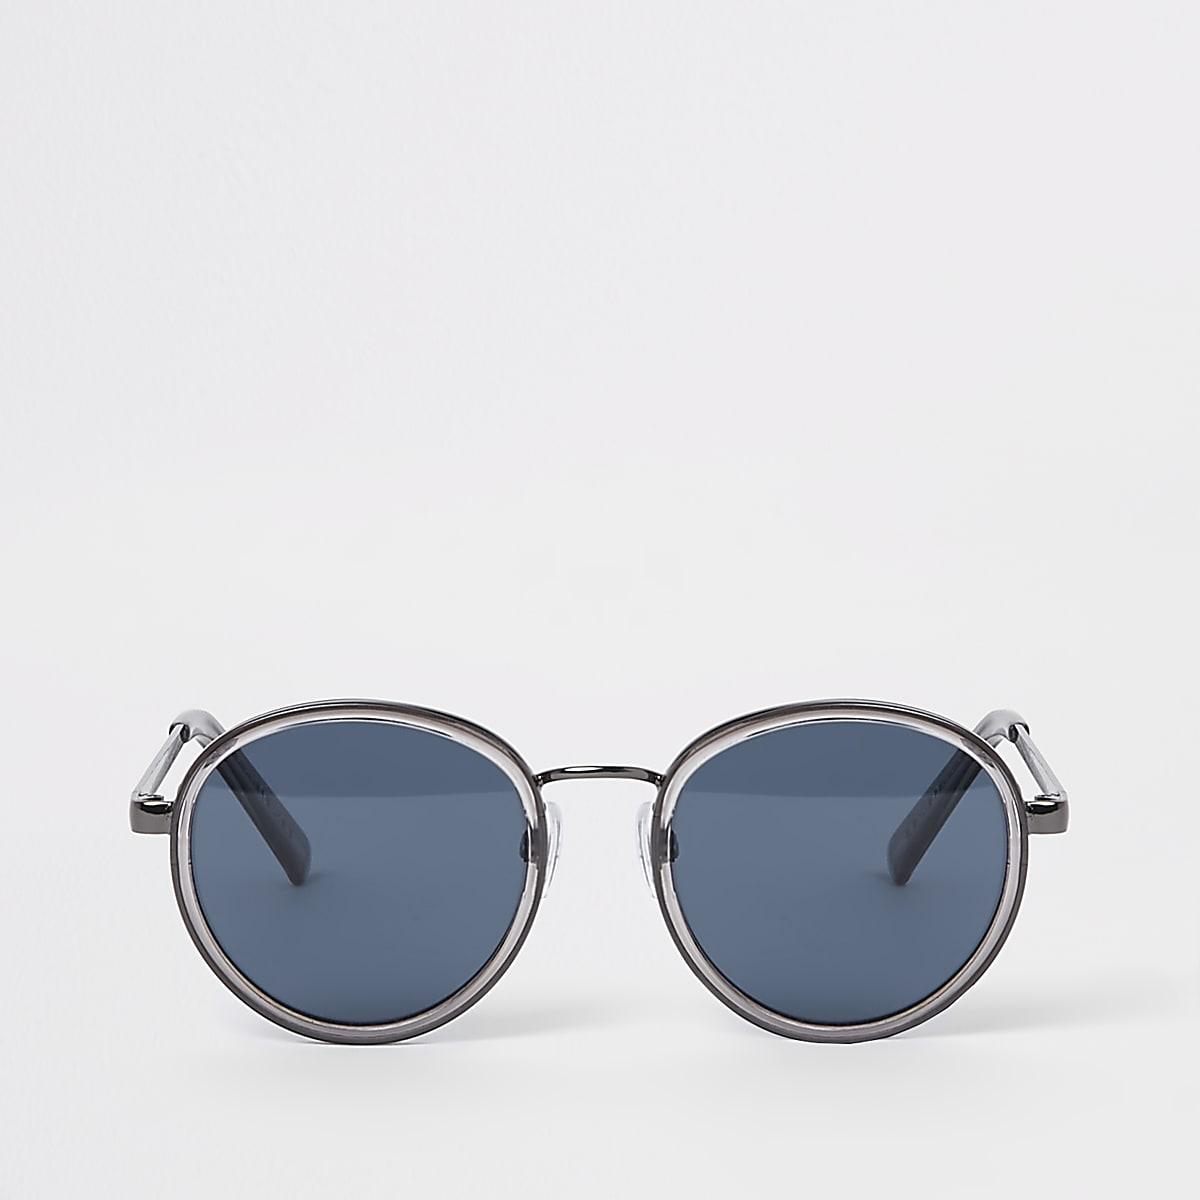 Grijze zonnebril met ronde blauwe glazen